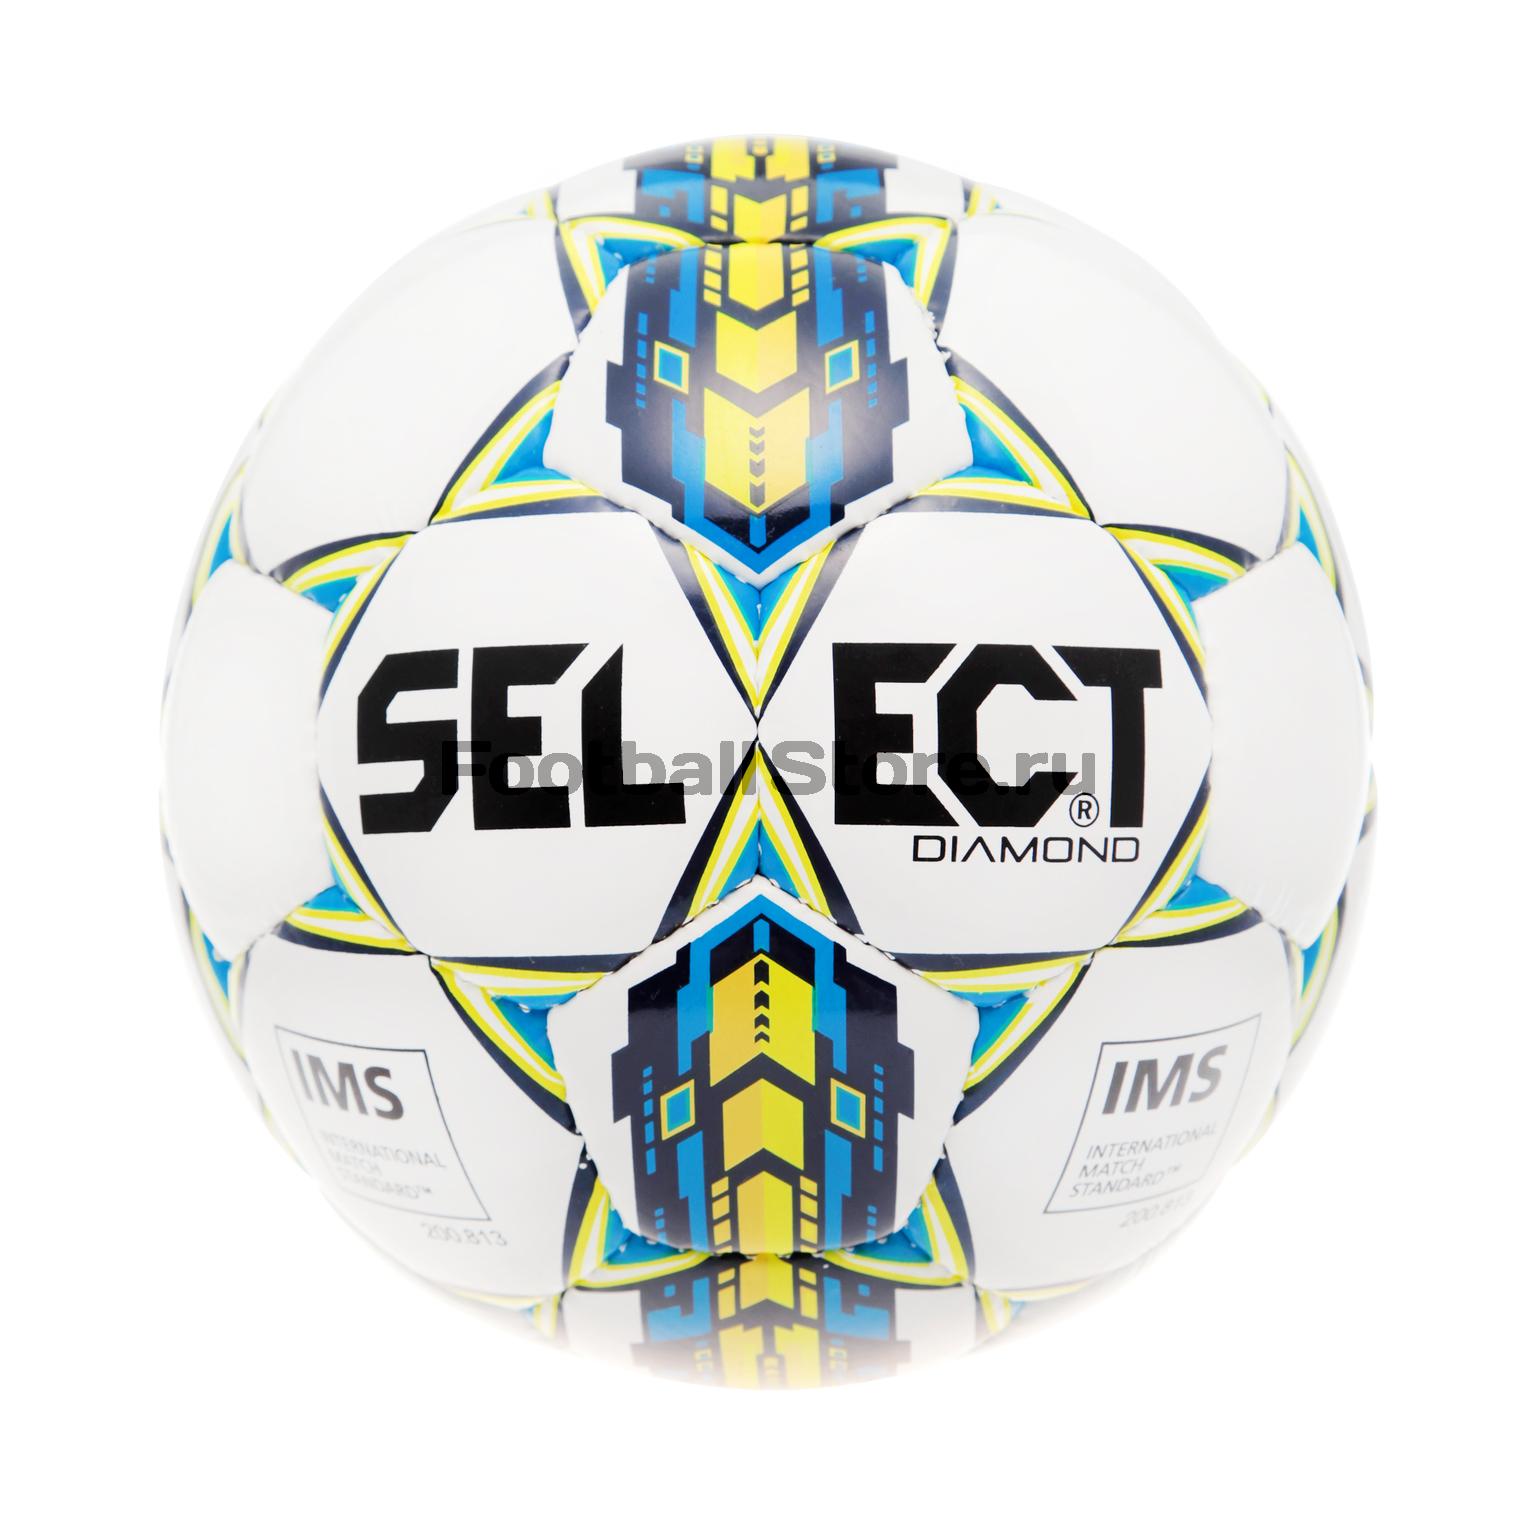 Футбольный мяч Select Diamond IMS 810015-052 мяч футбольный select talento арт 811008 005 р 3